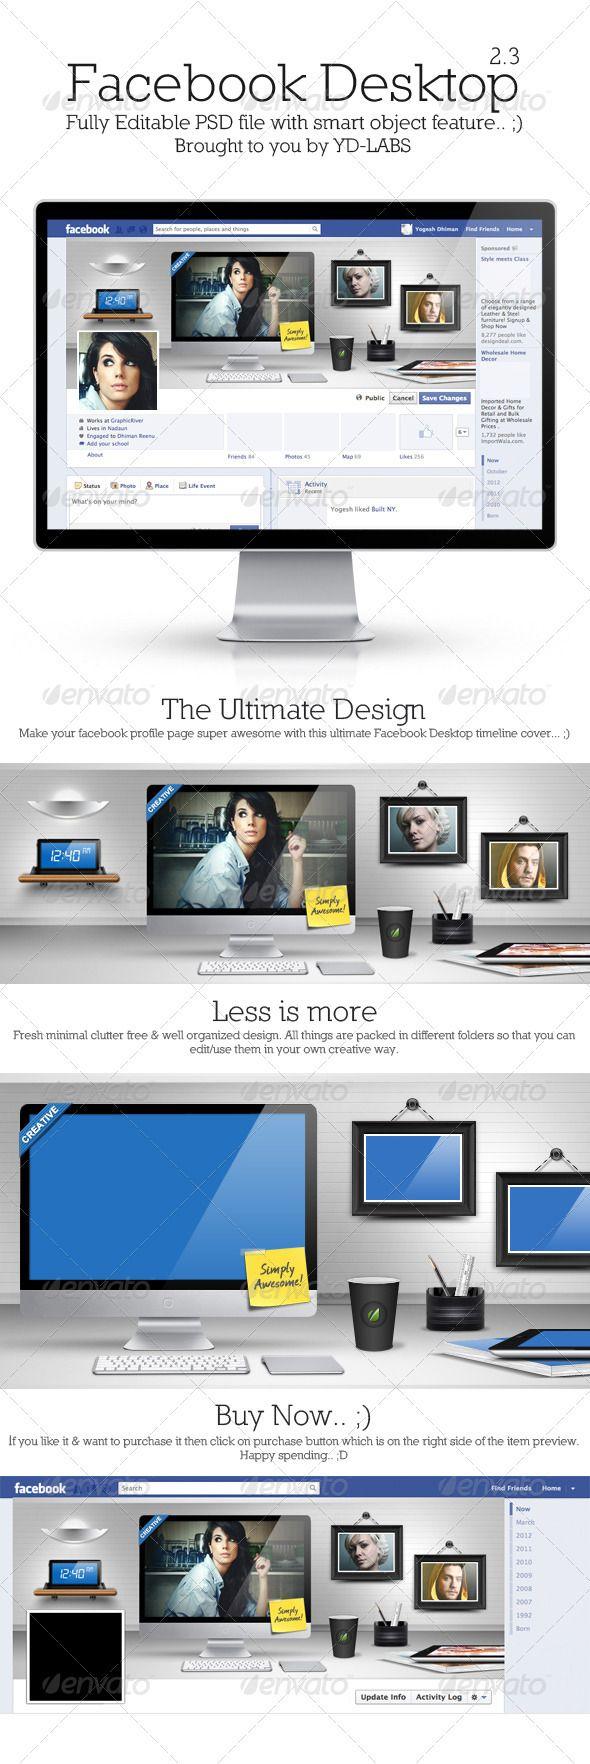 FB Desktop, Facebook Timeline Cover $3 Only